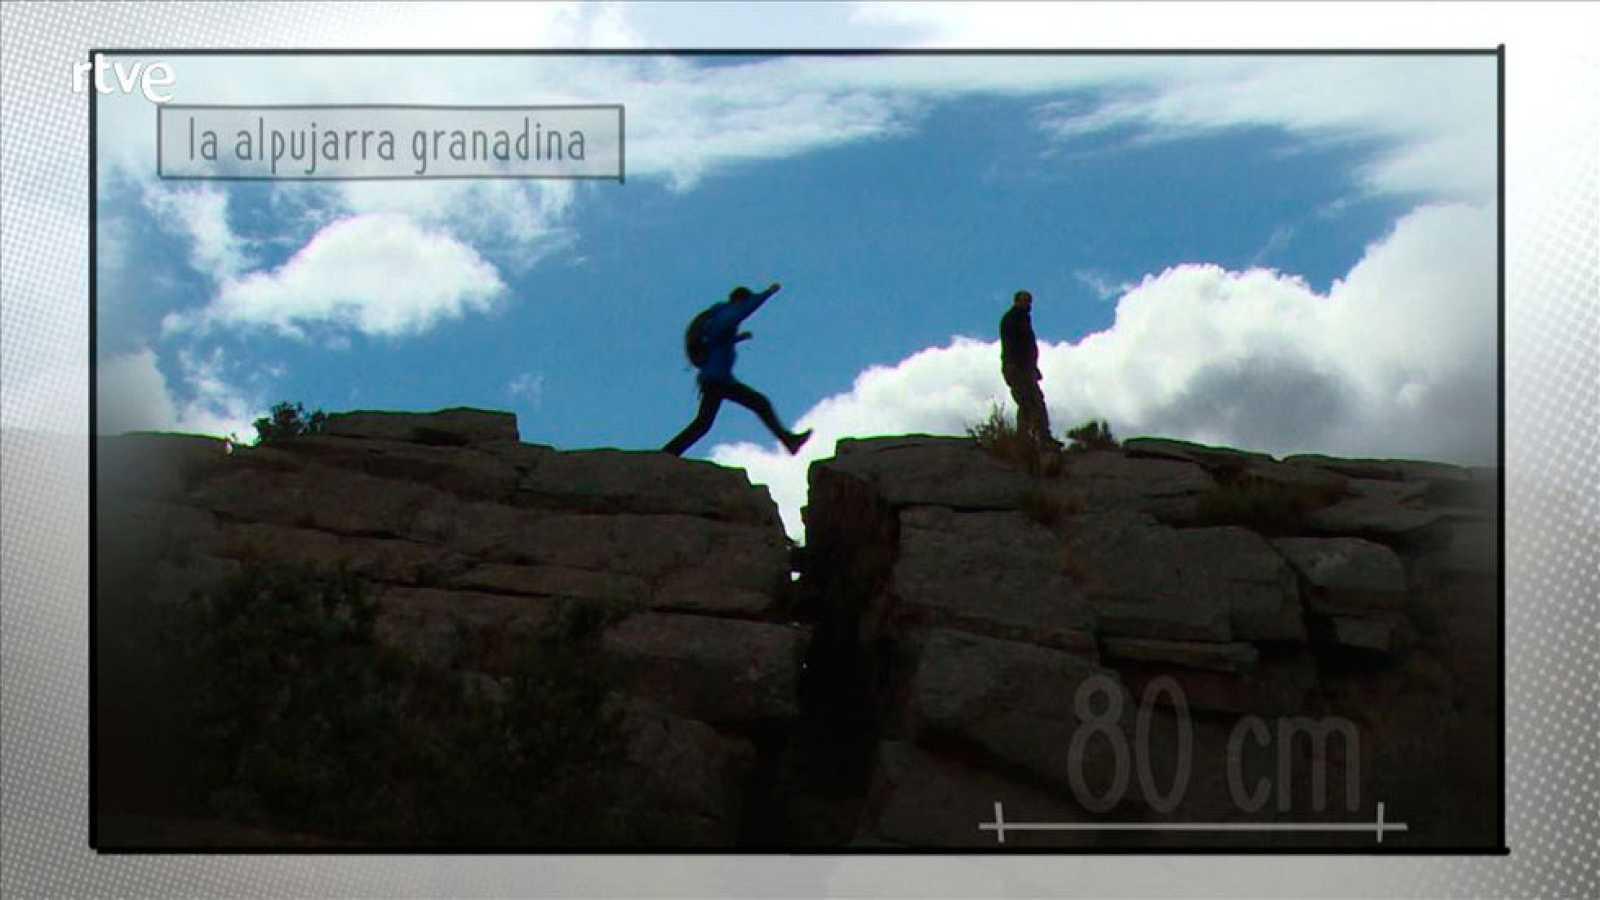 80 Cm - Alpujarra - Avance